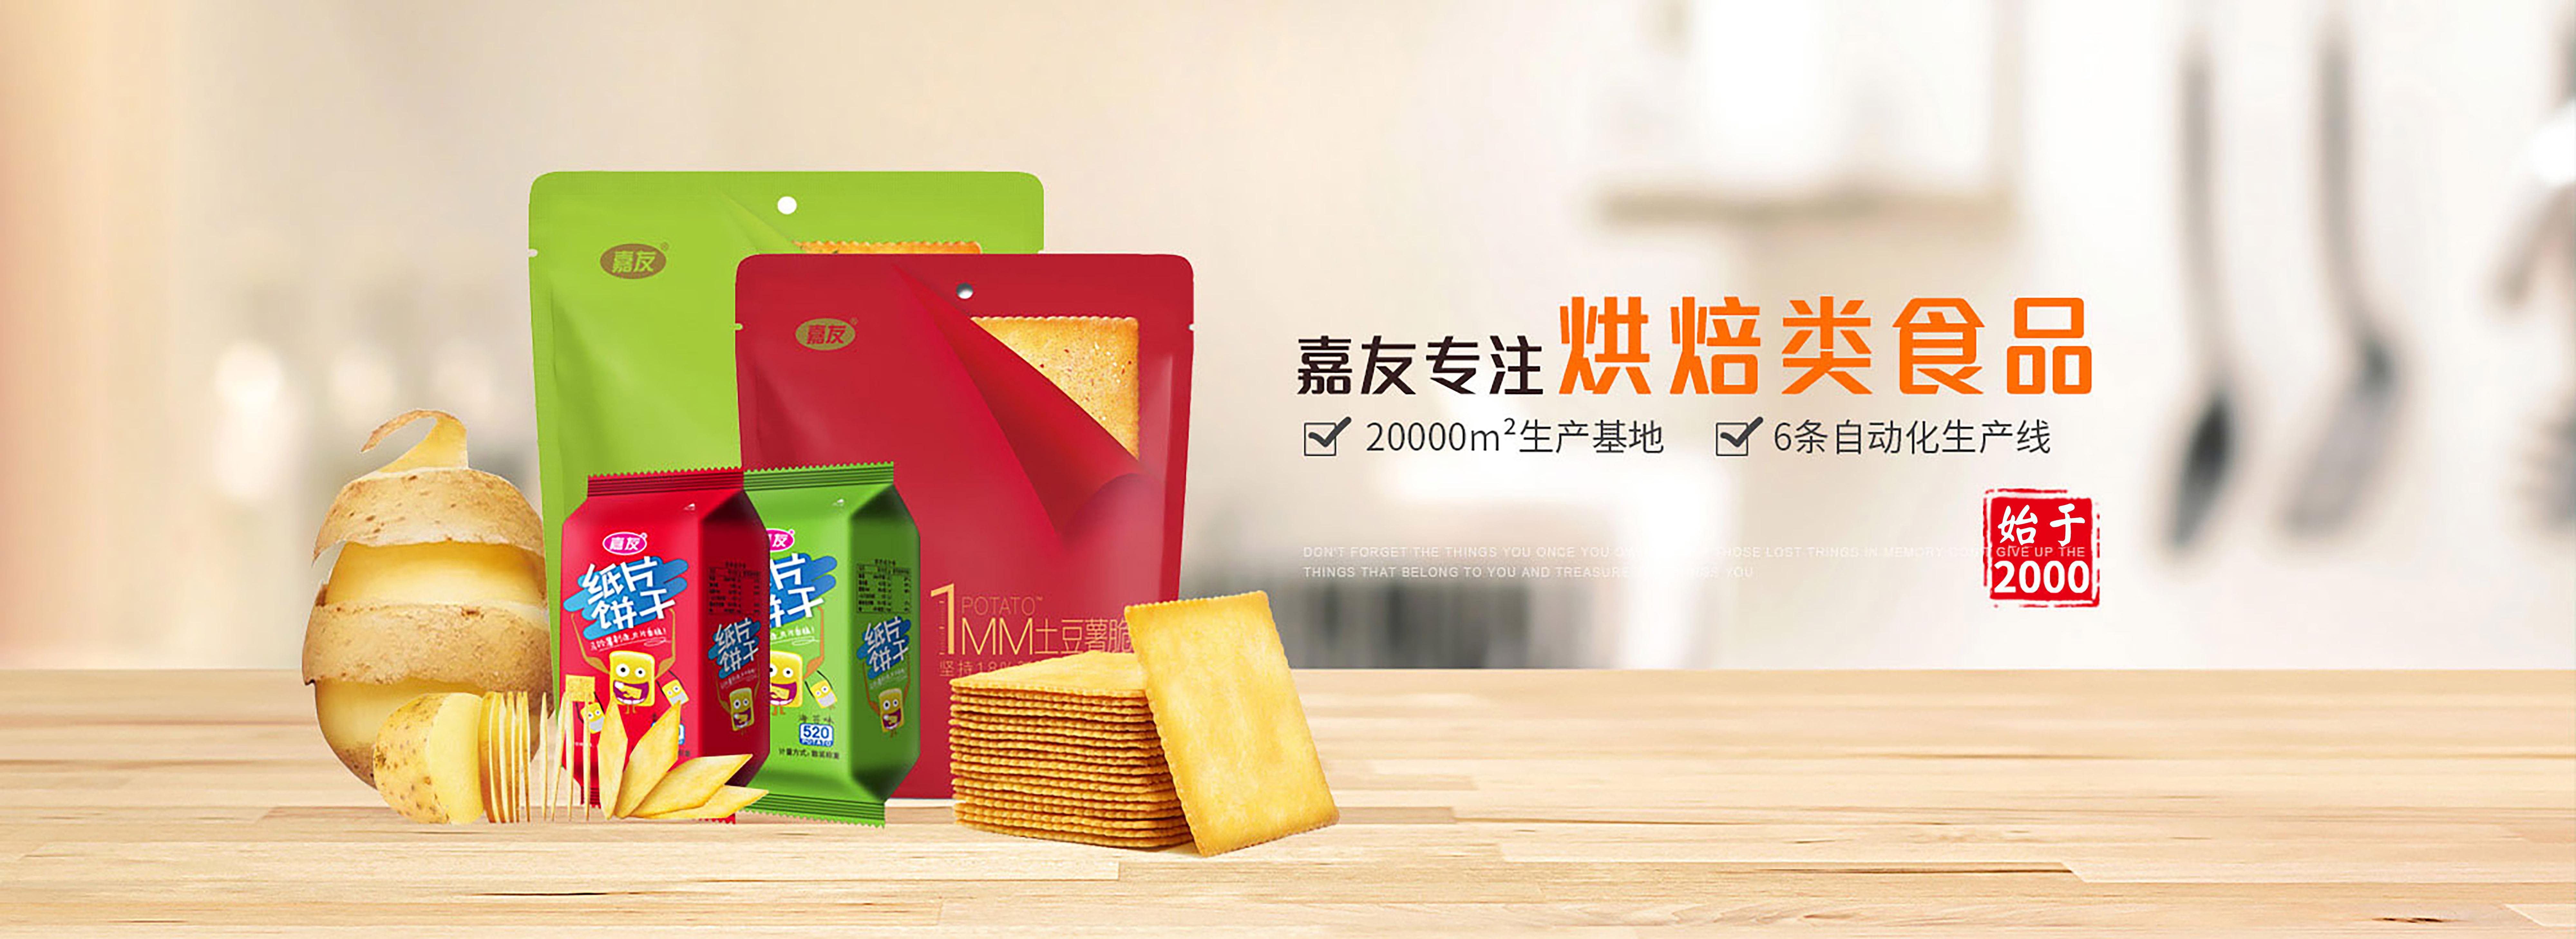 嘉友专注饼干烘焙20年